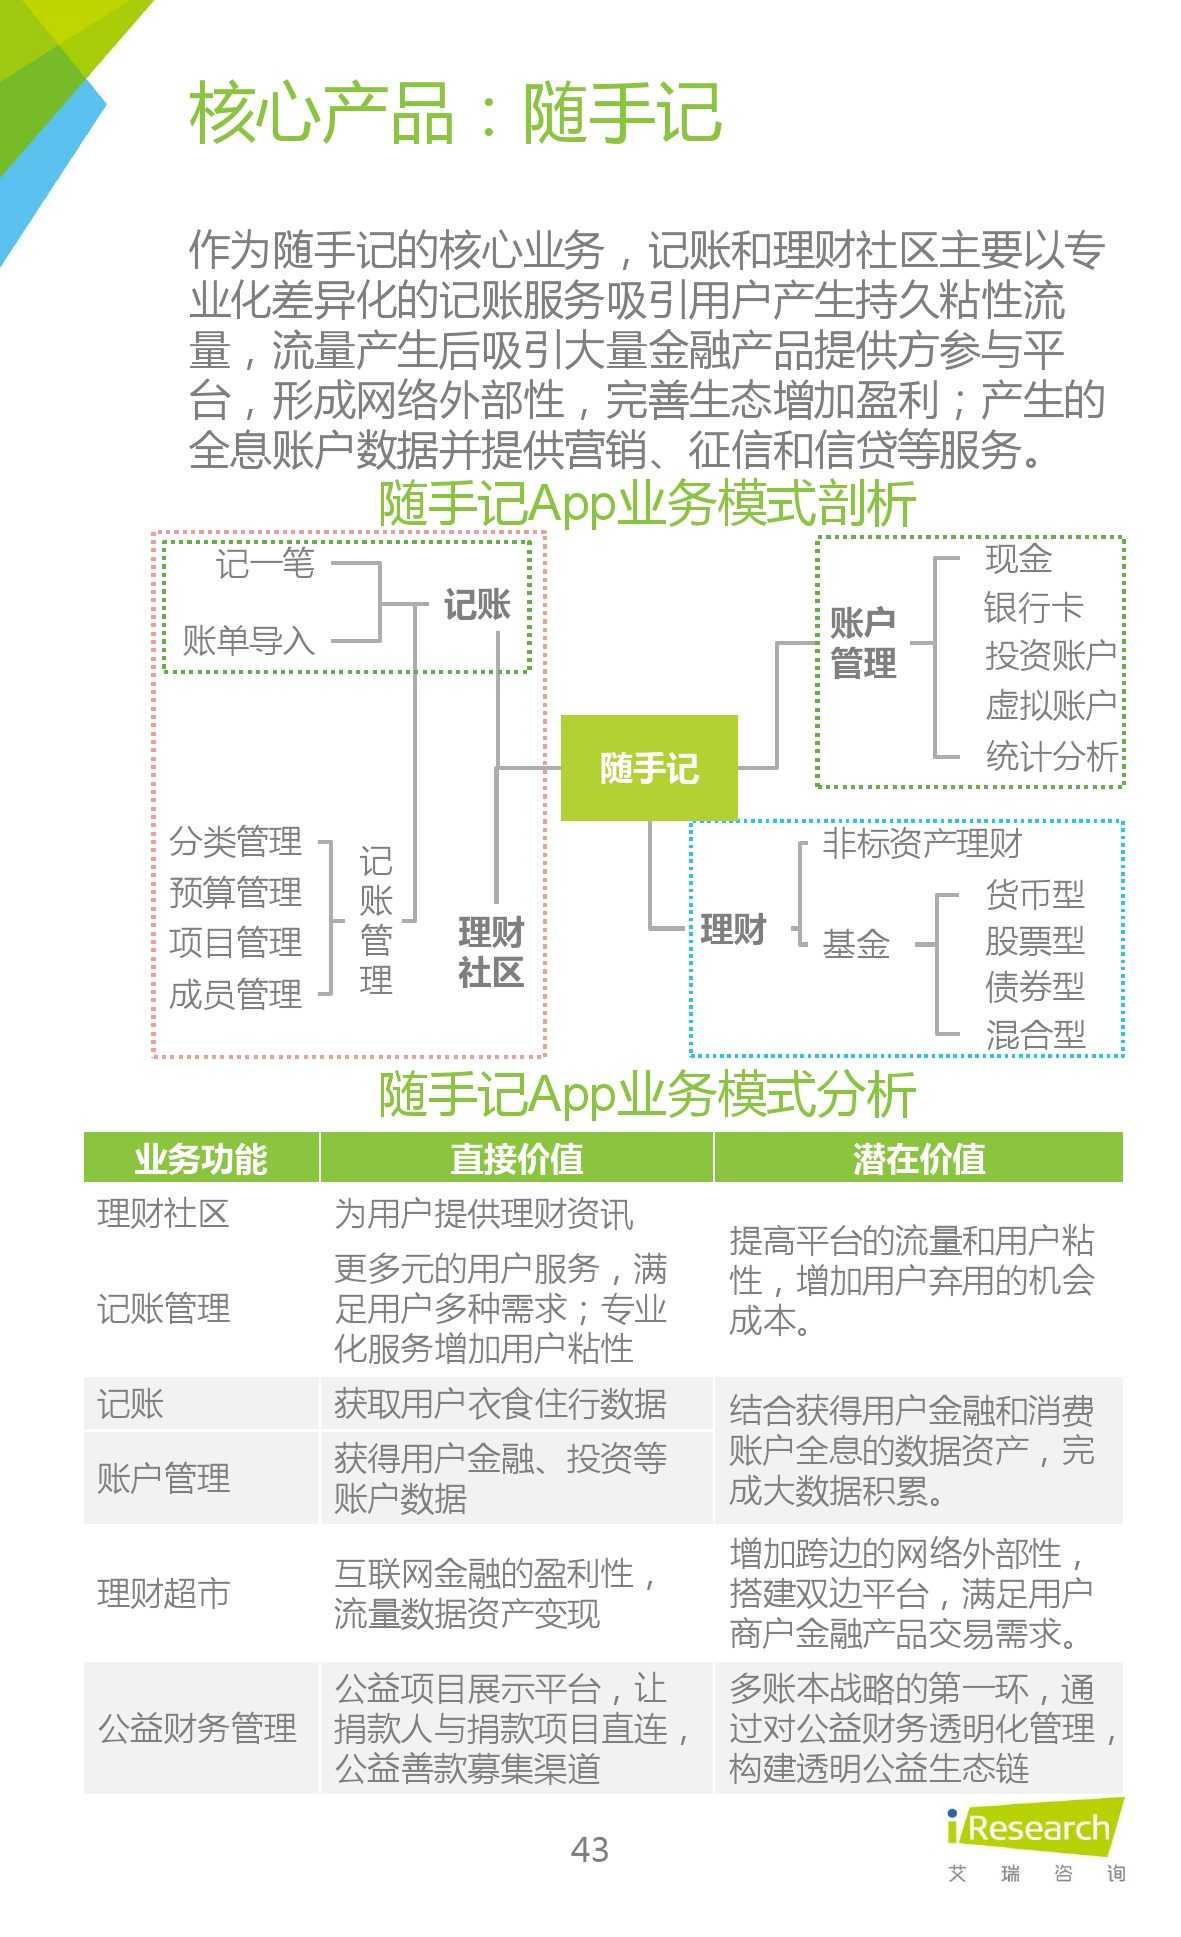 2015年中国生活理财移动App行业研究报告_000043